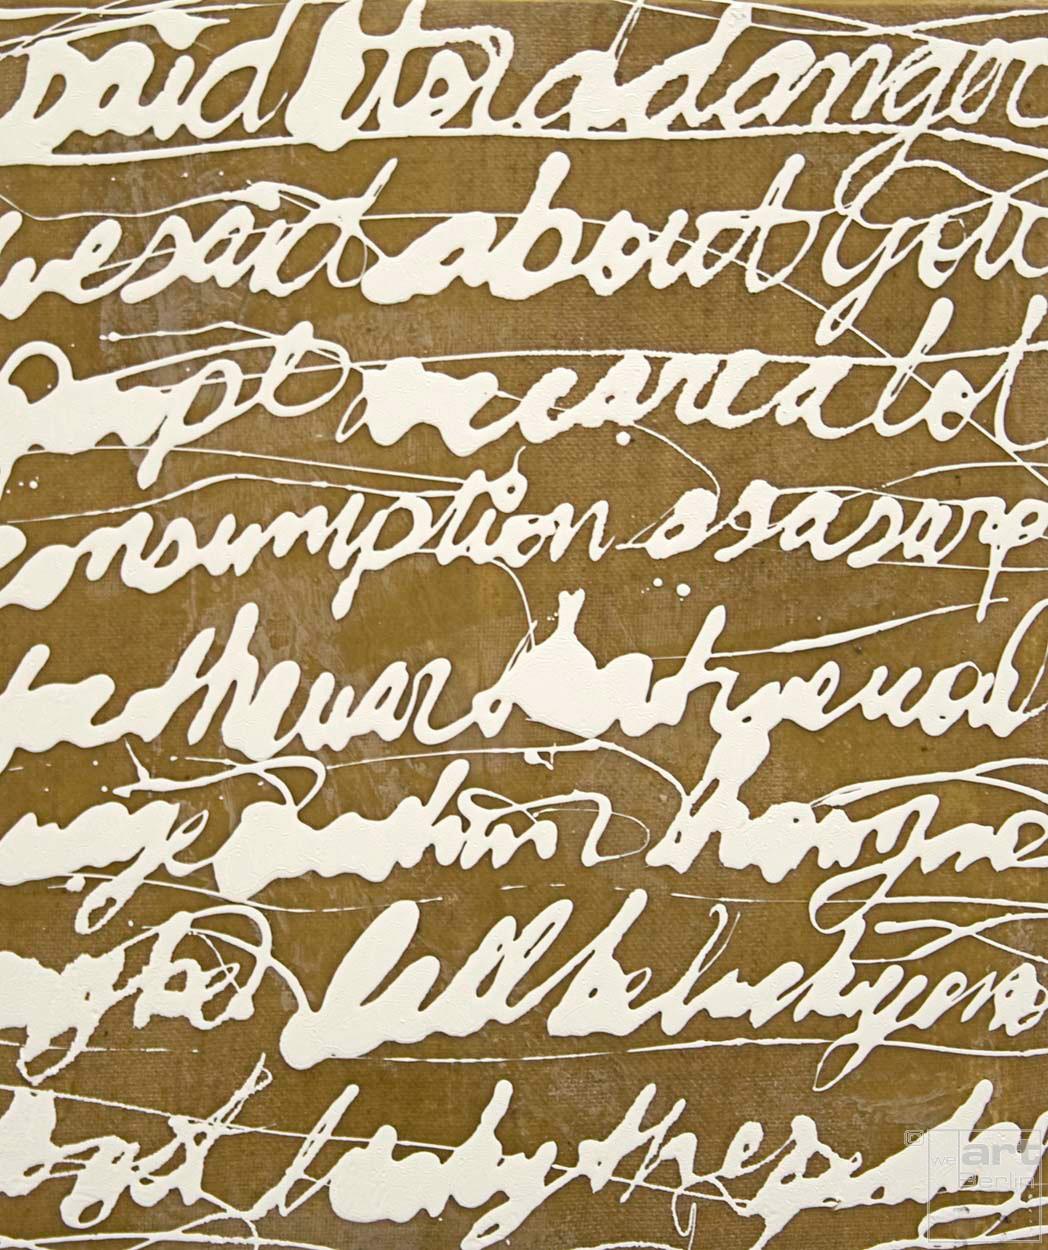 Malerei Befehlen und Erobern #51   Künstler Marek Schovanek, Lack und Bienenwachs auf Leinwand, Serie Command and Conquer